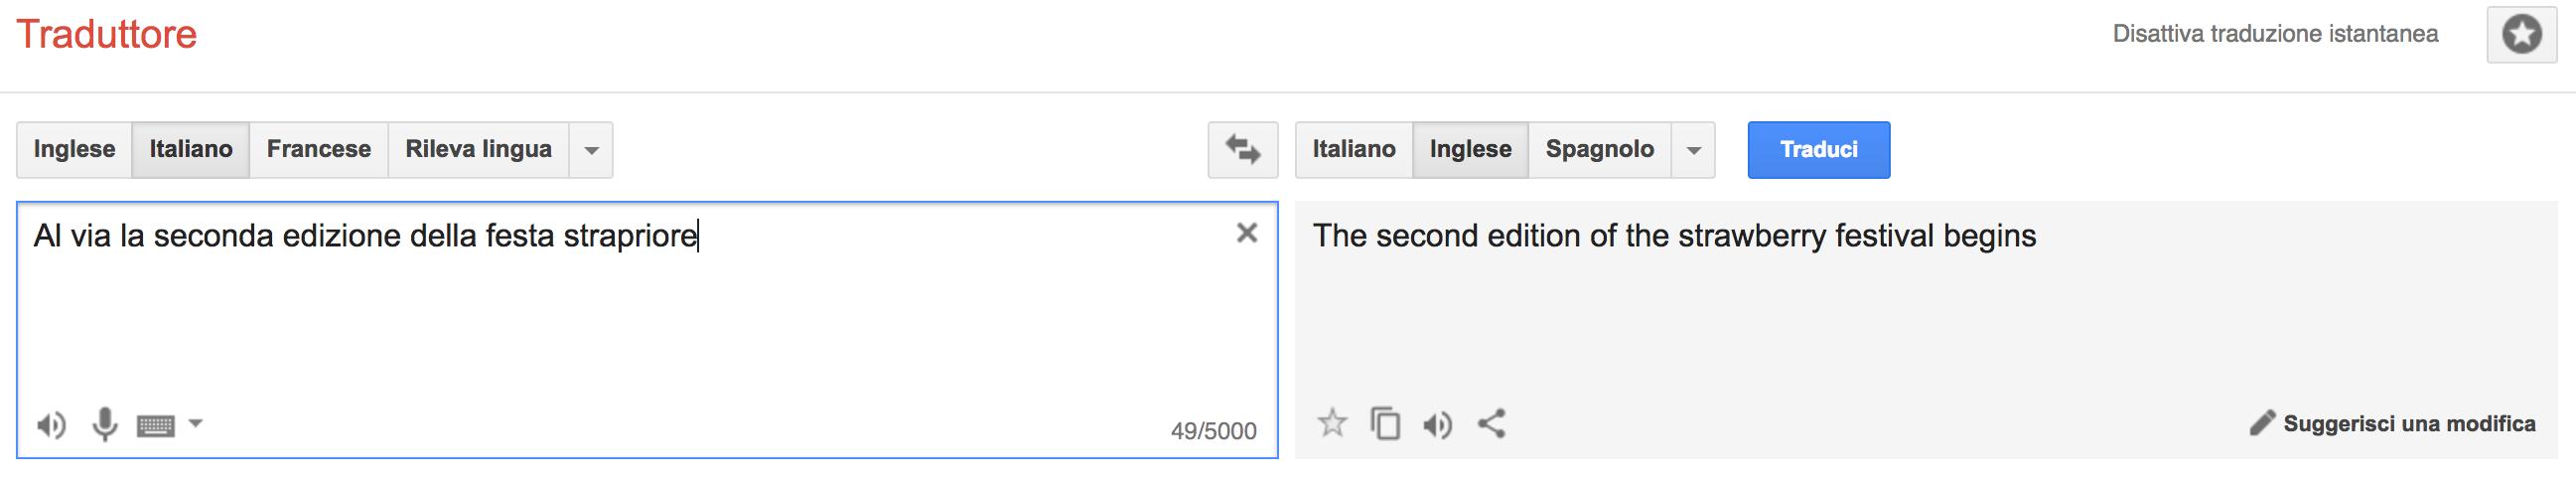 Parole errate o inventate: come reagisce il traduttore di Google